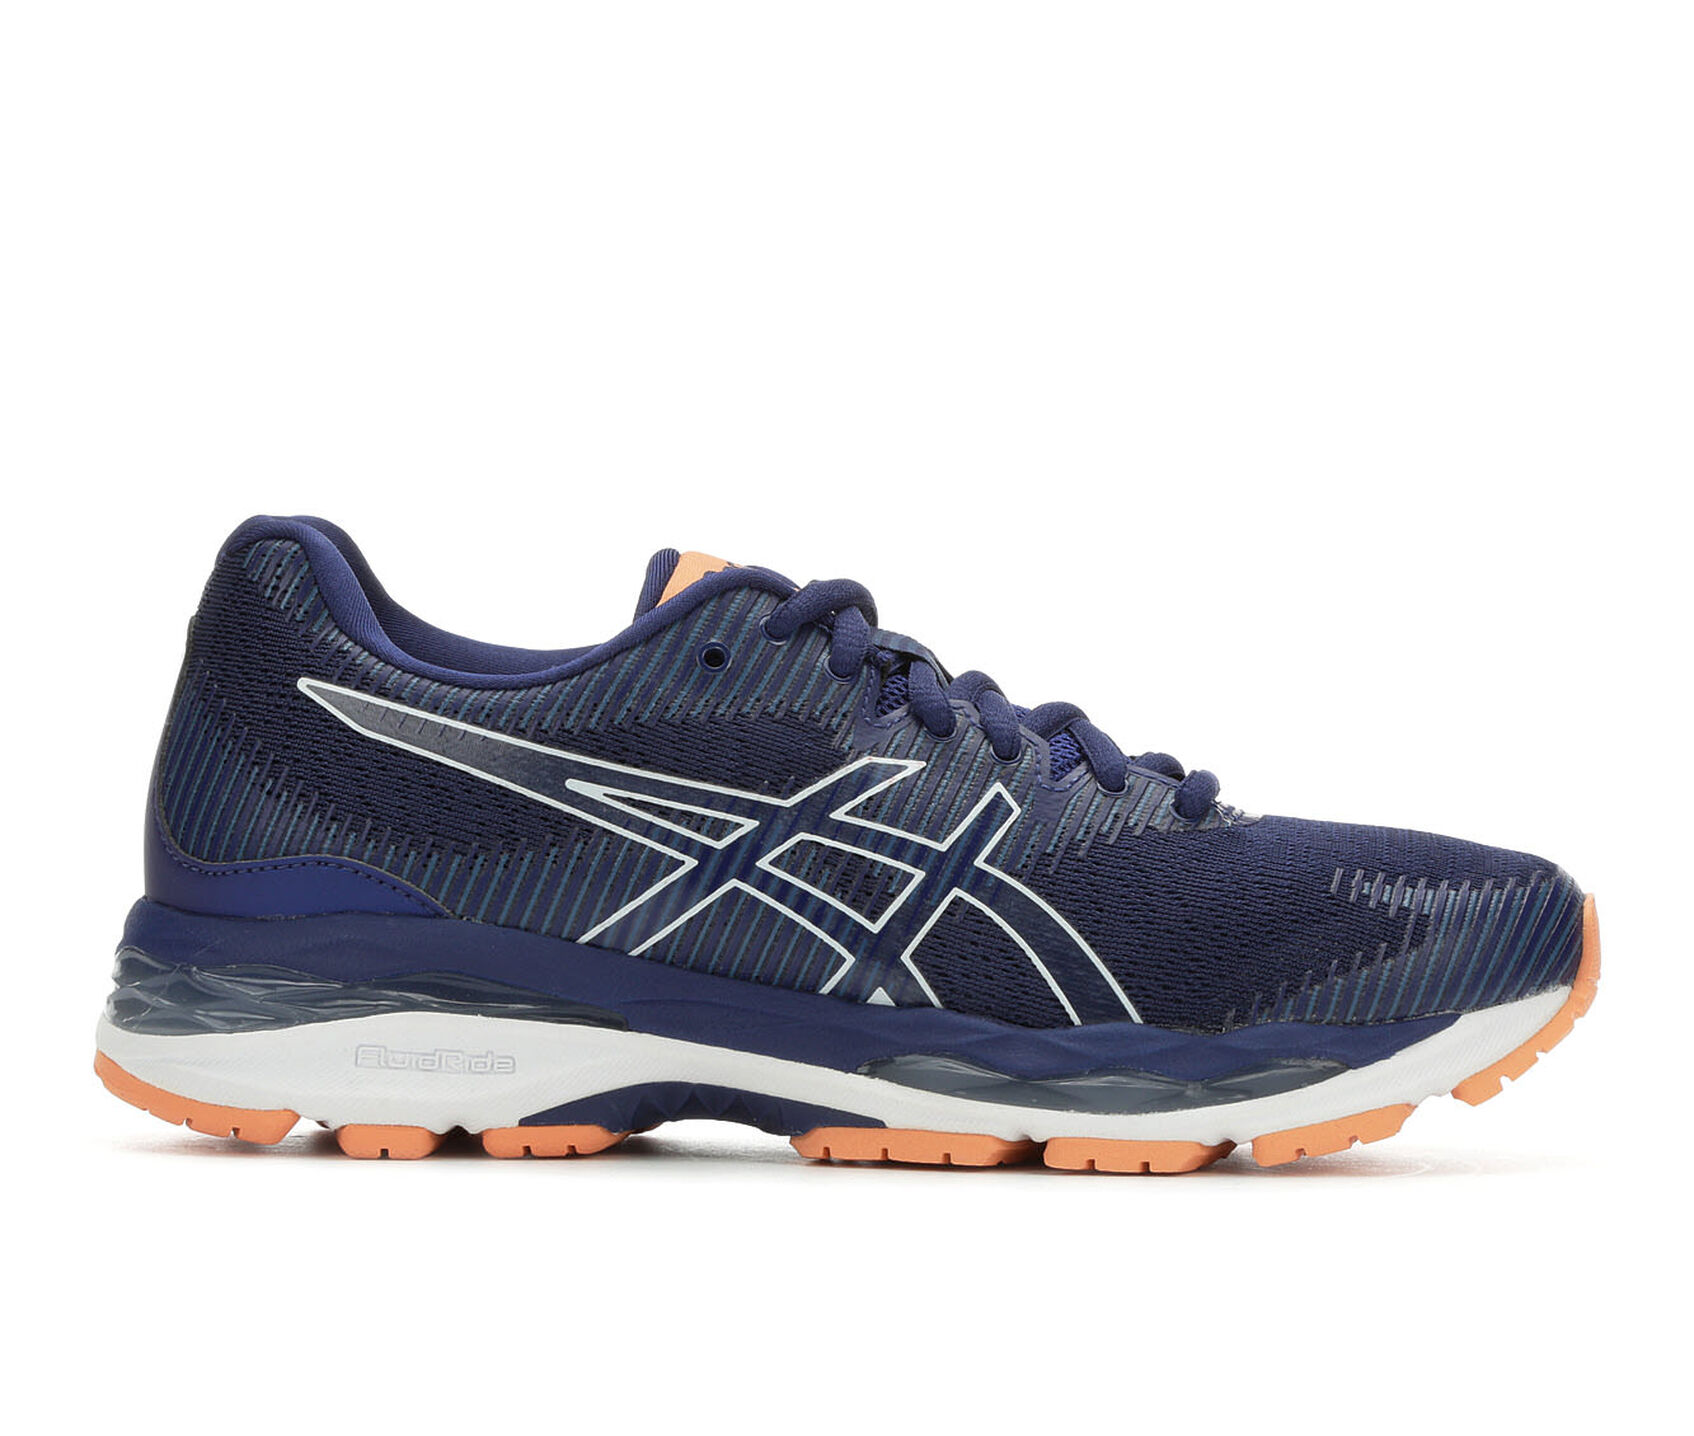 6dc74488ce83 ... ASICS Gel Ziruss 2 Running Shoes. Previous